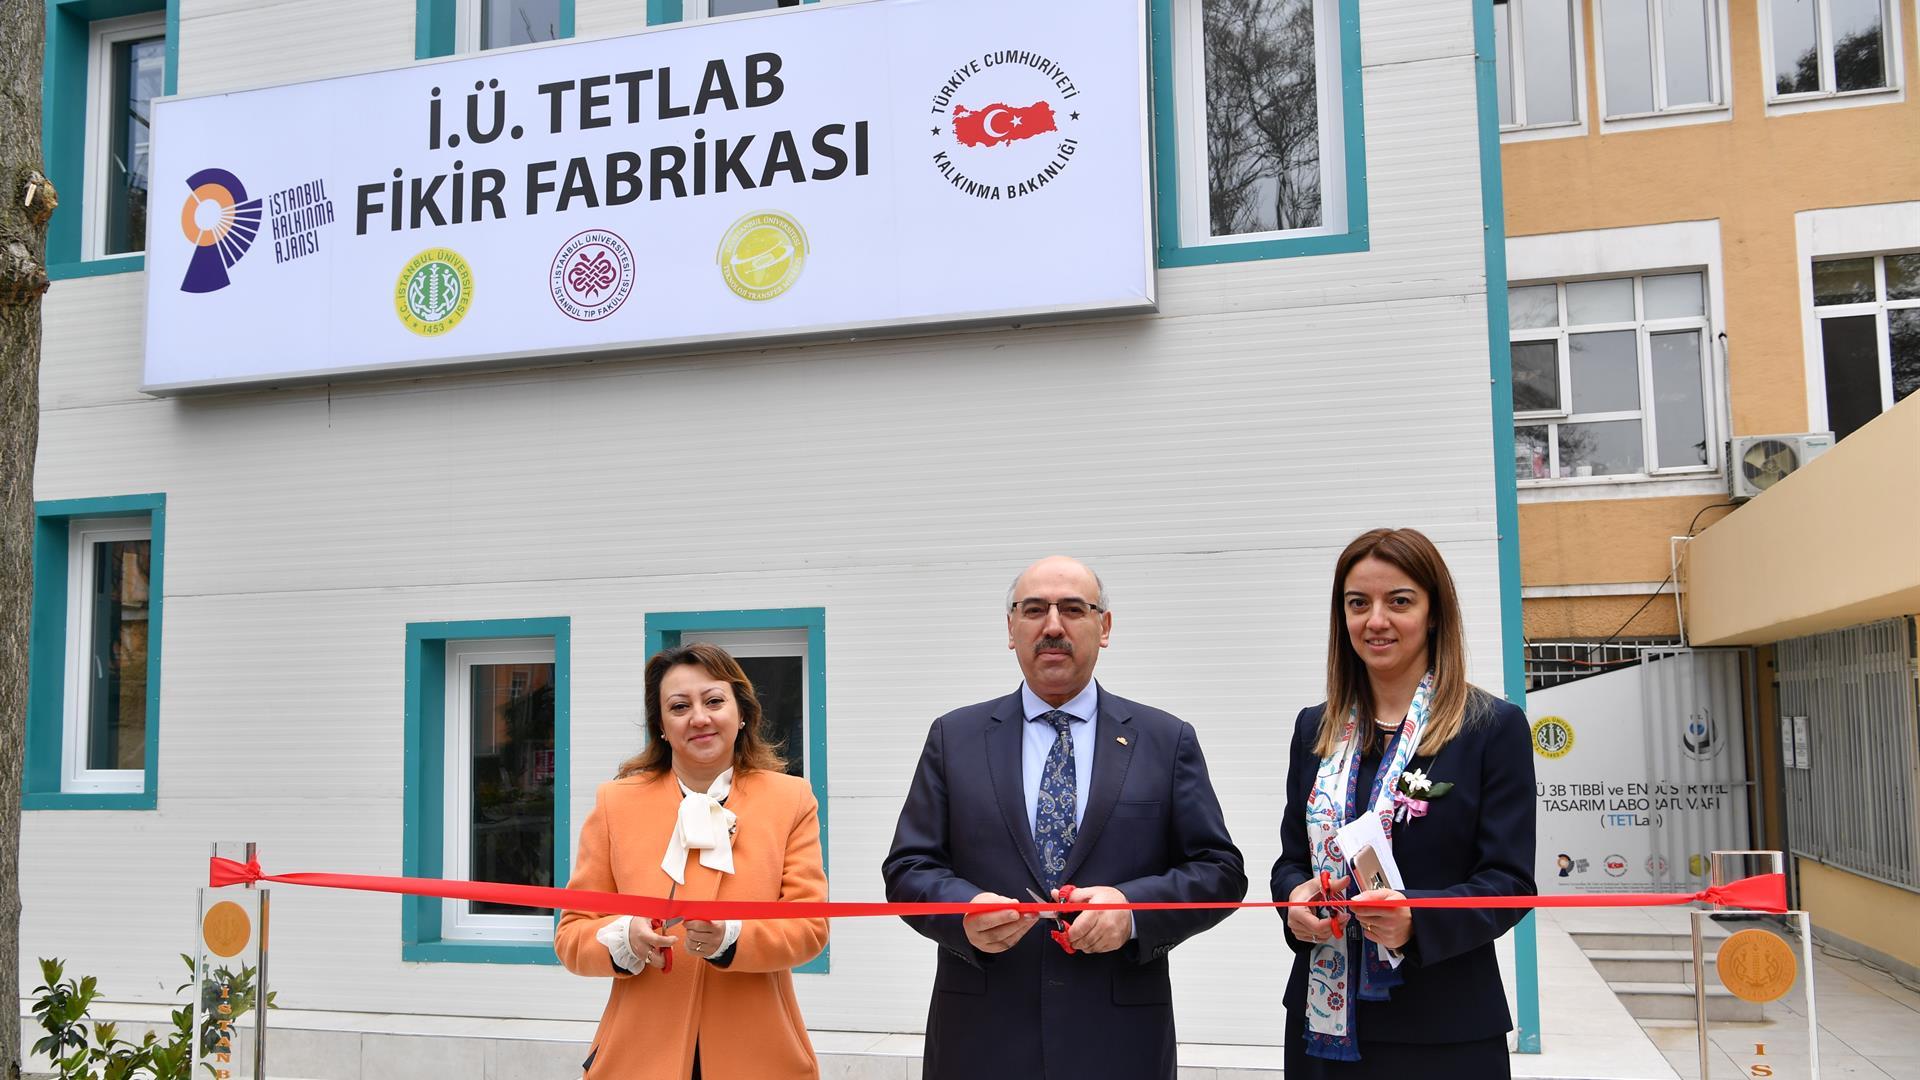 İstanbul-Üniversitesi-TETLAB-Fikir-Fabrikası-Açıldı